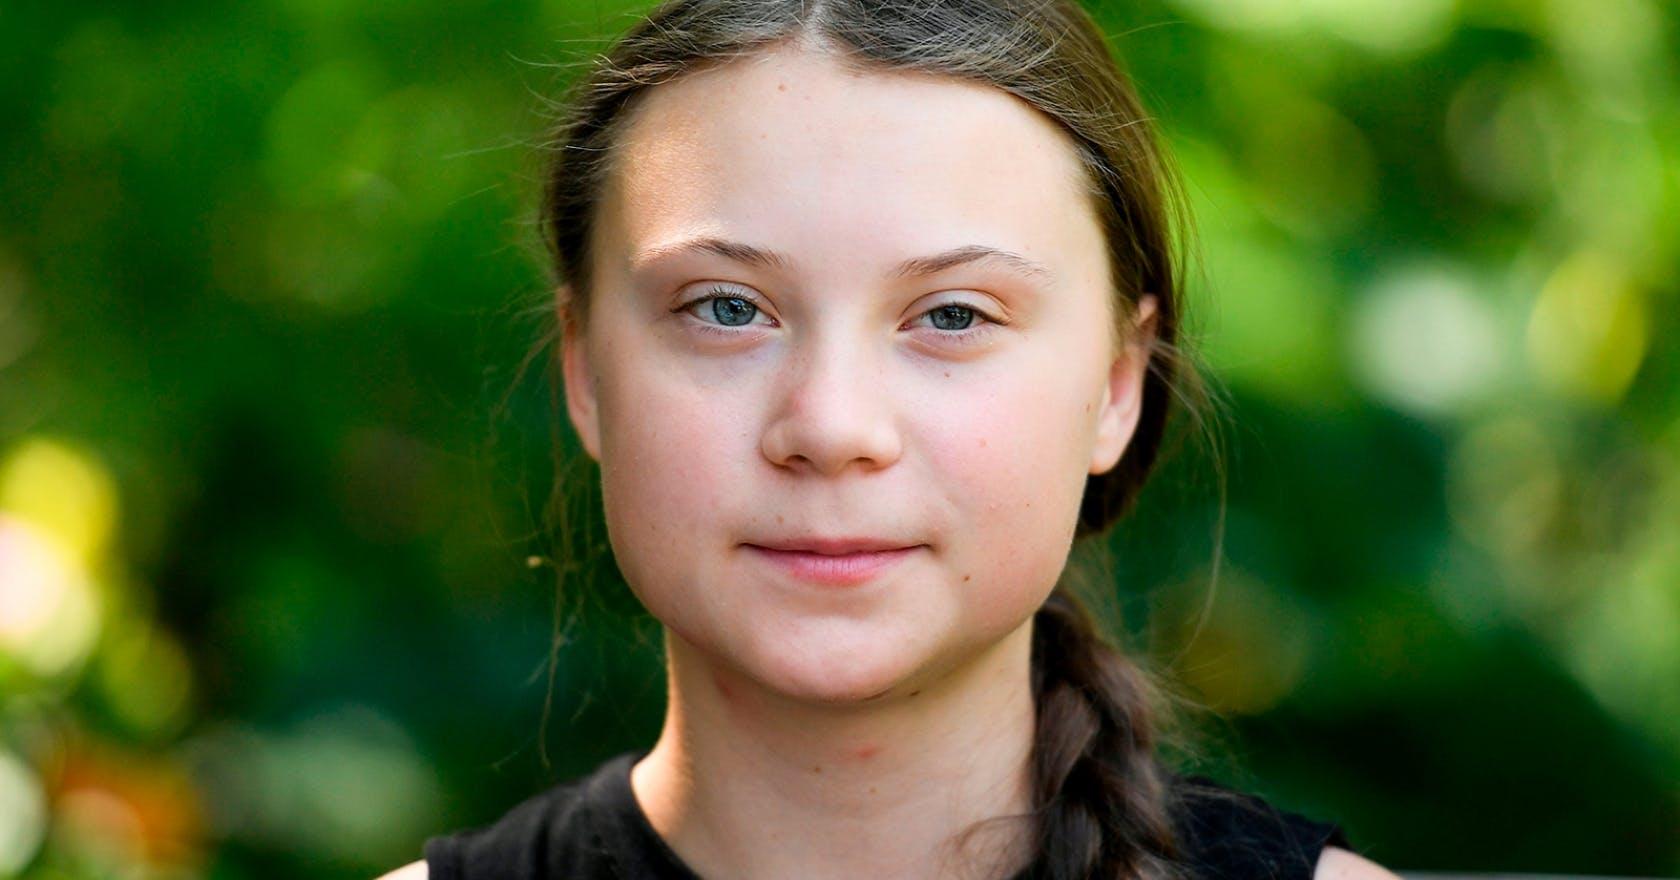 Greta Thunberg, Covid-19, pandemia, salud internacional, donación, activista, joven